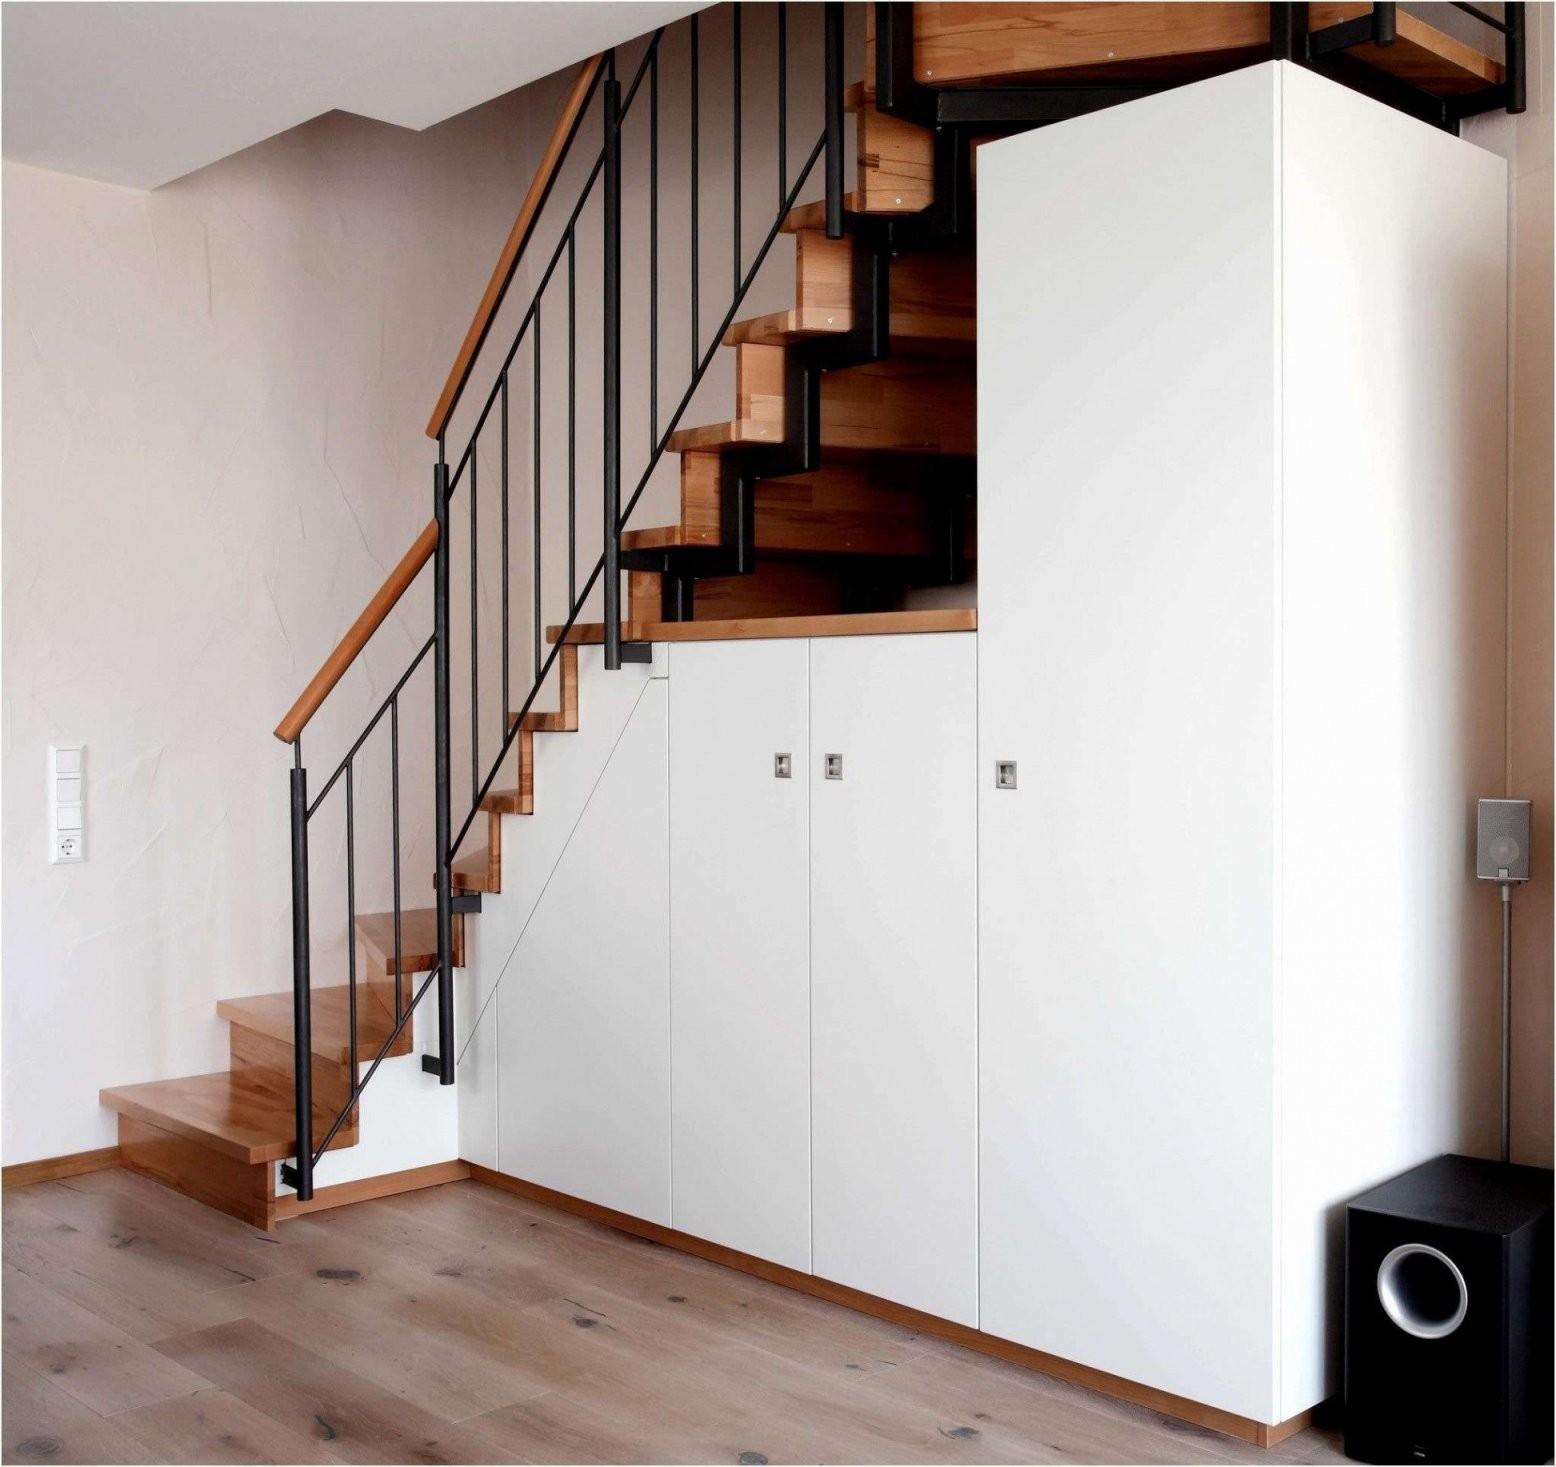 Schrank Unter Treppe Selber Bauen — Temobardz Home Blog von Schrank Unter Treppe Selber Bauen Bild